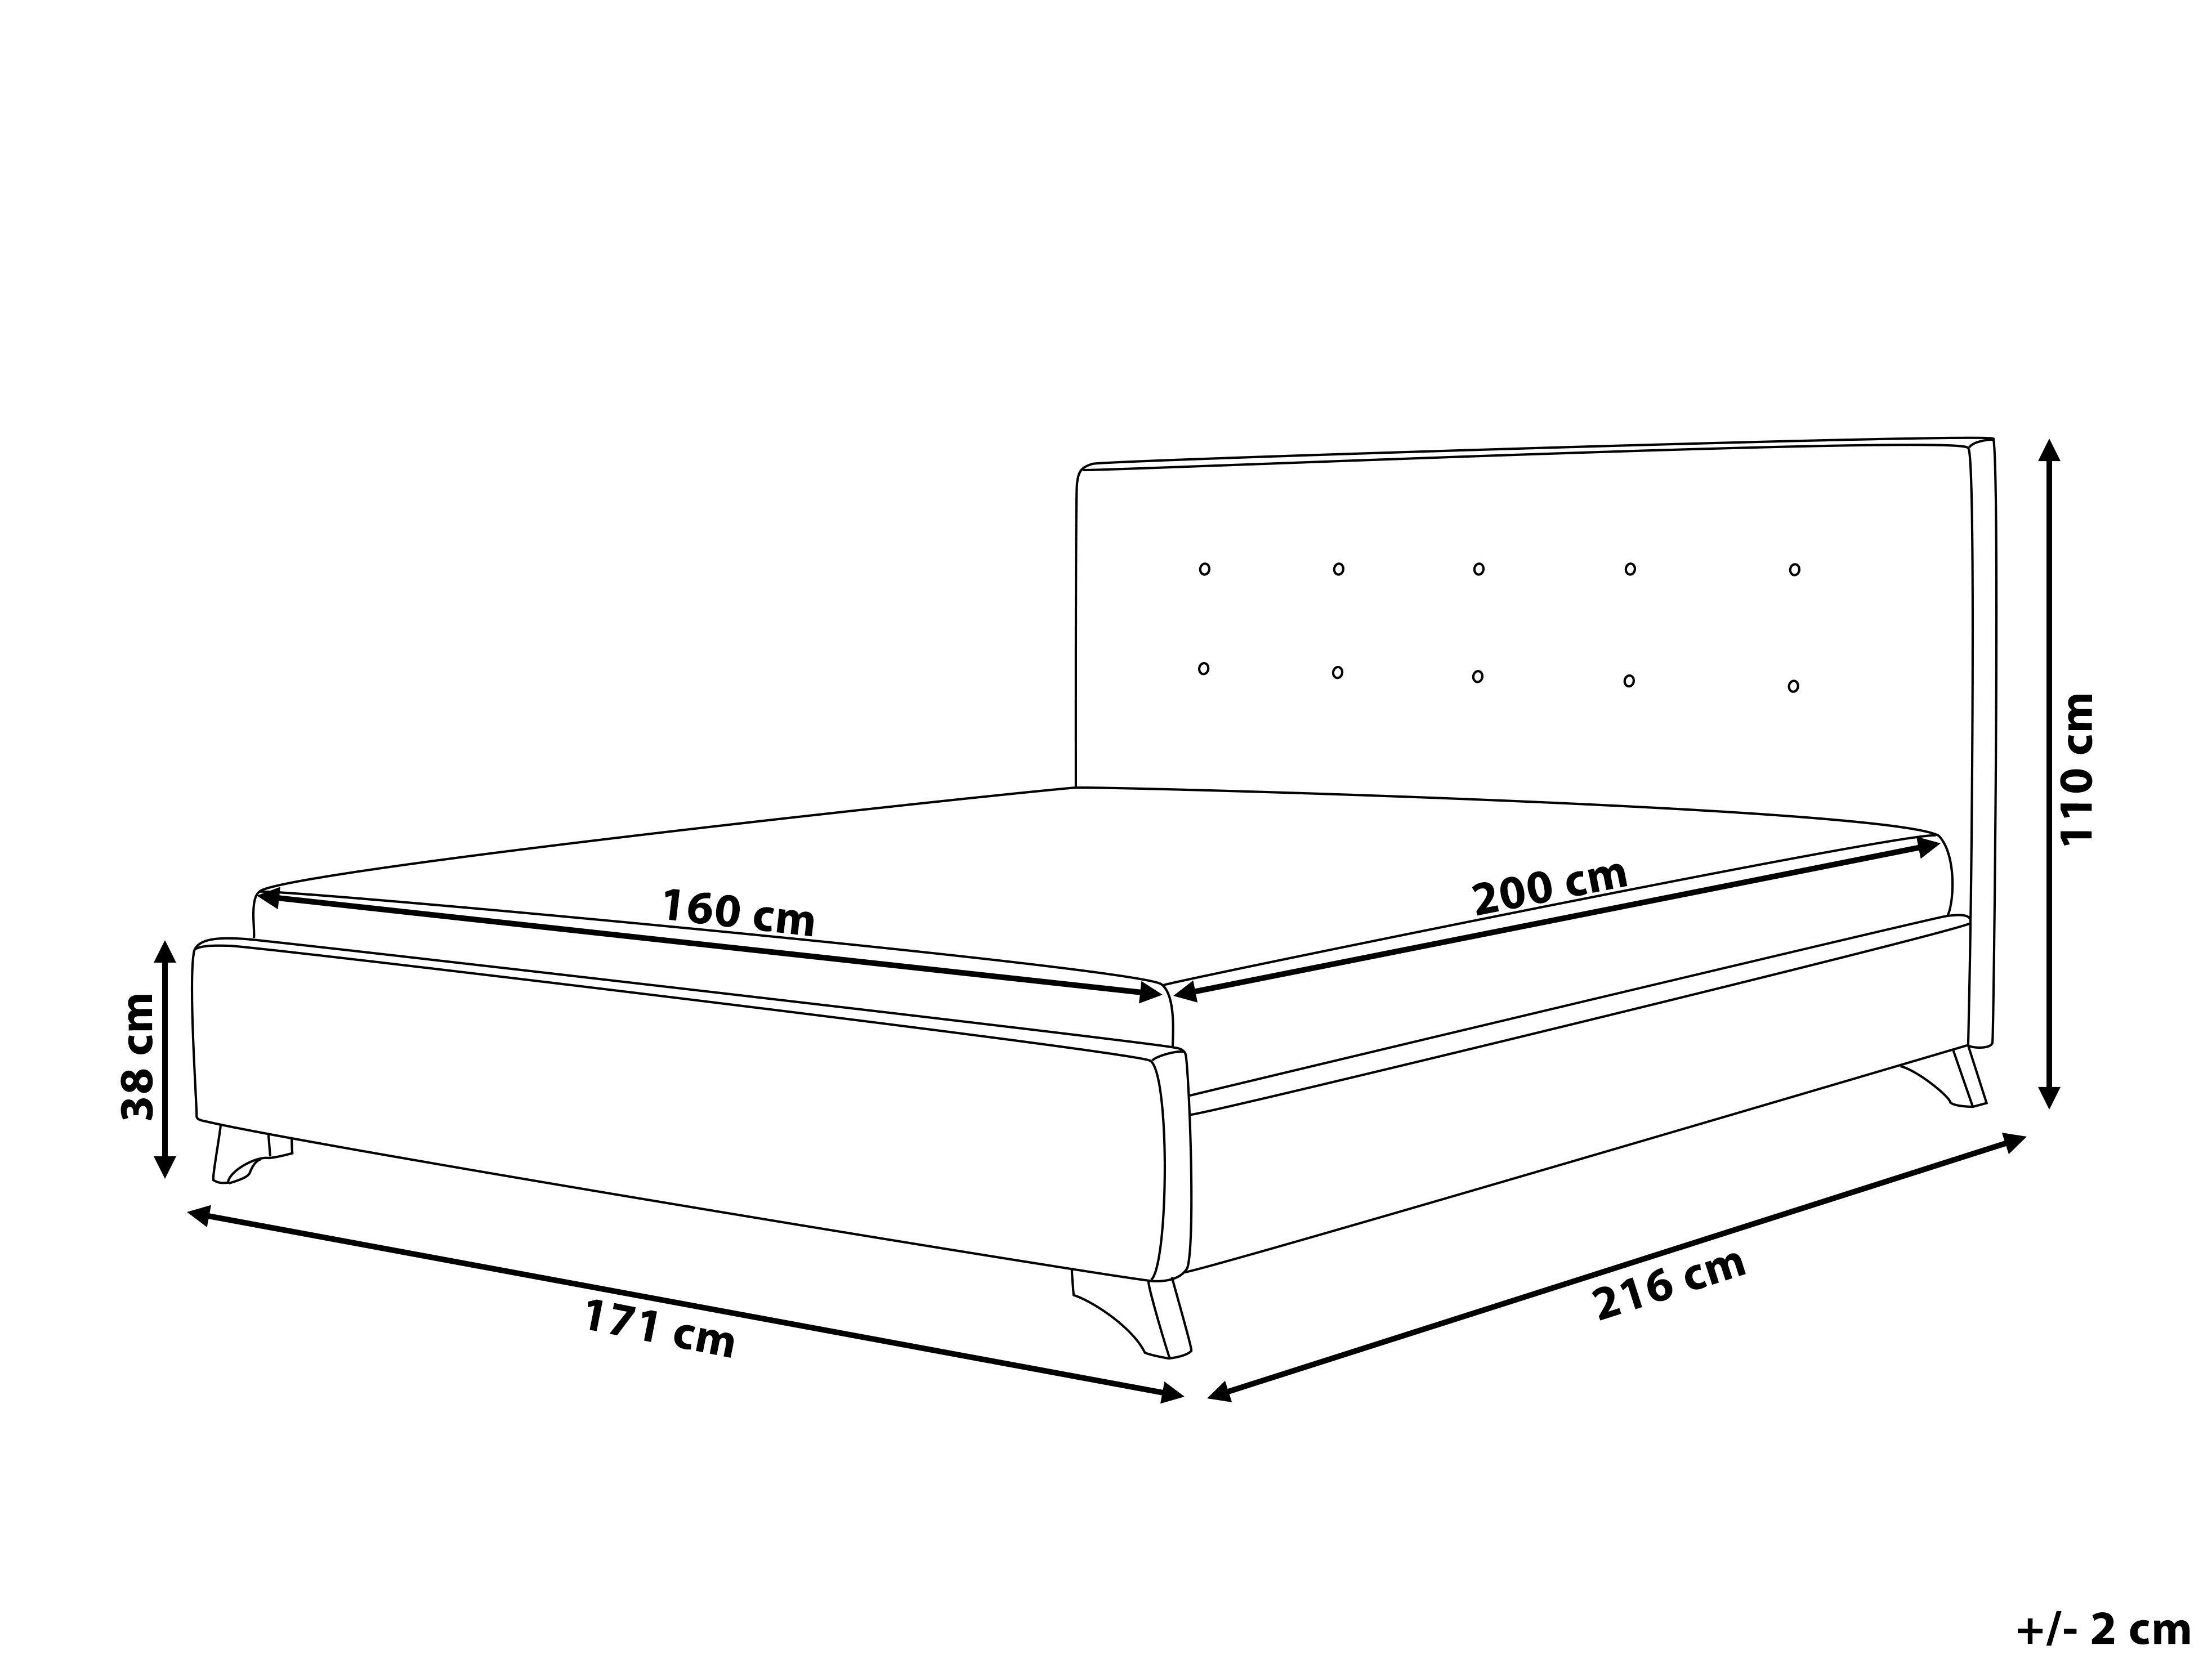 Lit De 160×200 Bel Dimension Couette Pour Lit 140—200 Dimension Couette Pour Lit De 160